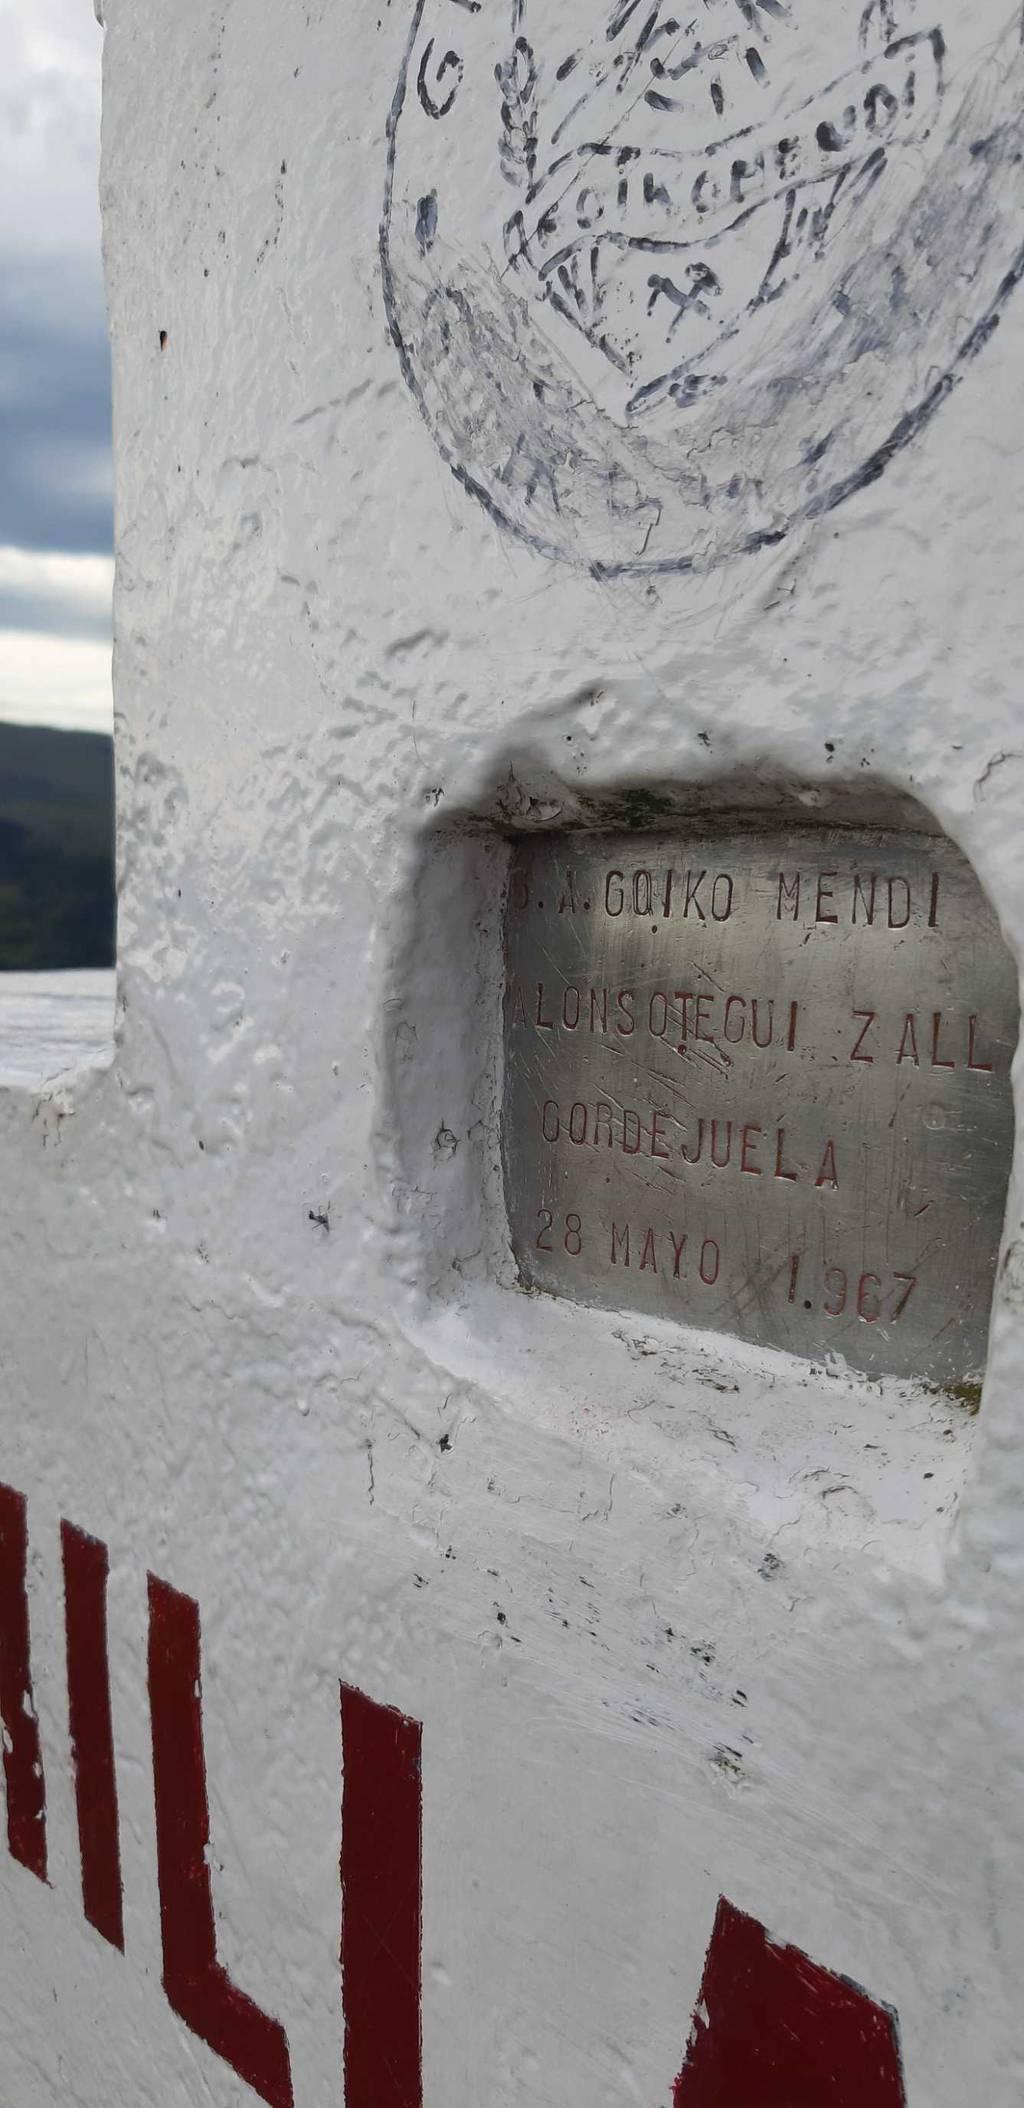 Irrintzi L erabiltzailea El Humilladero puntan, 2021-04-24 09:54